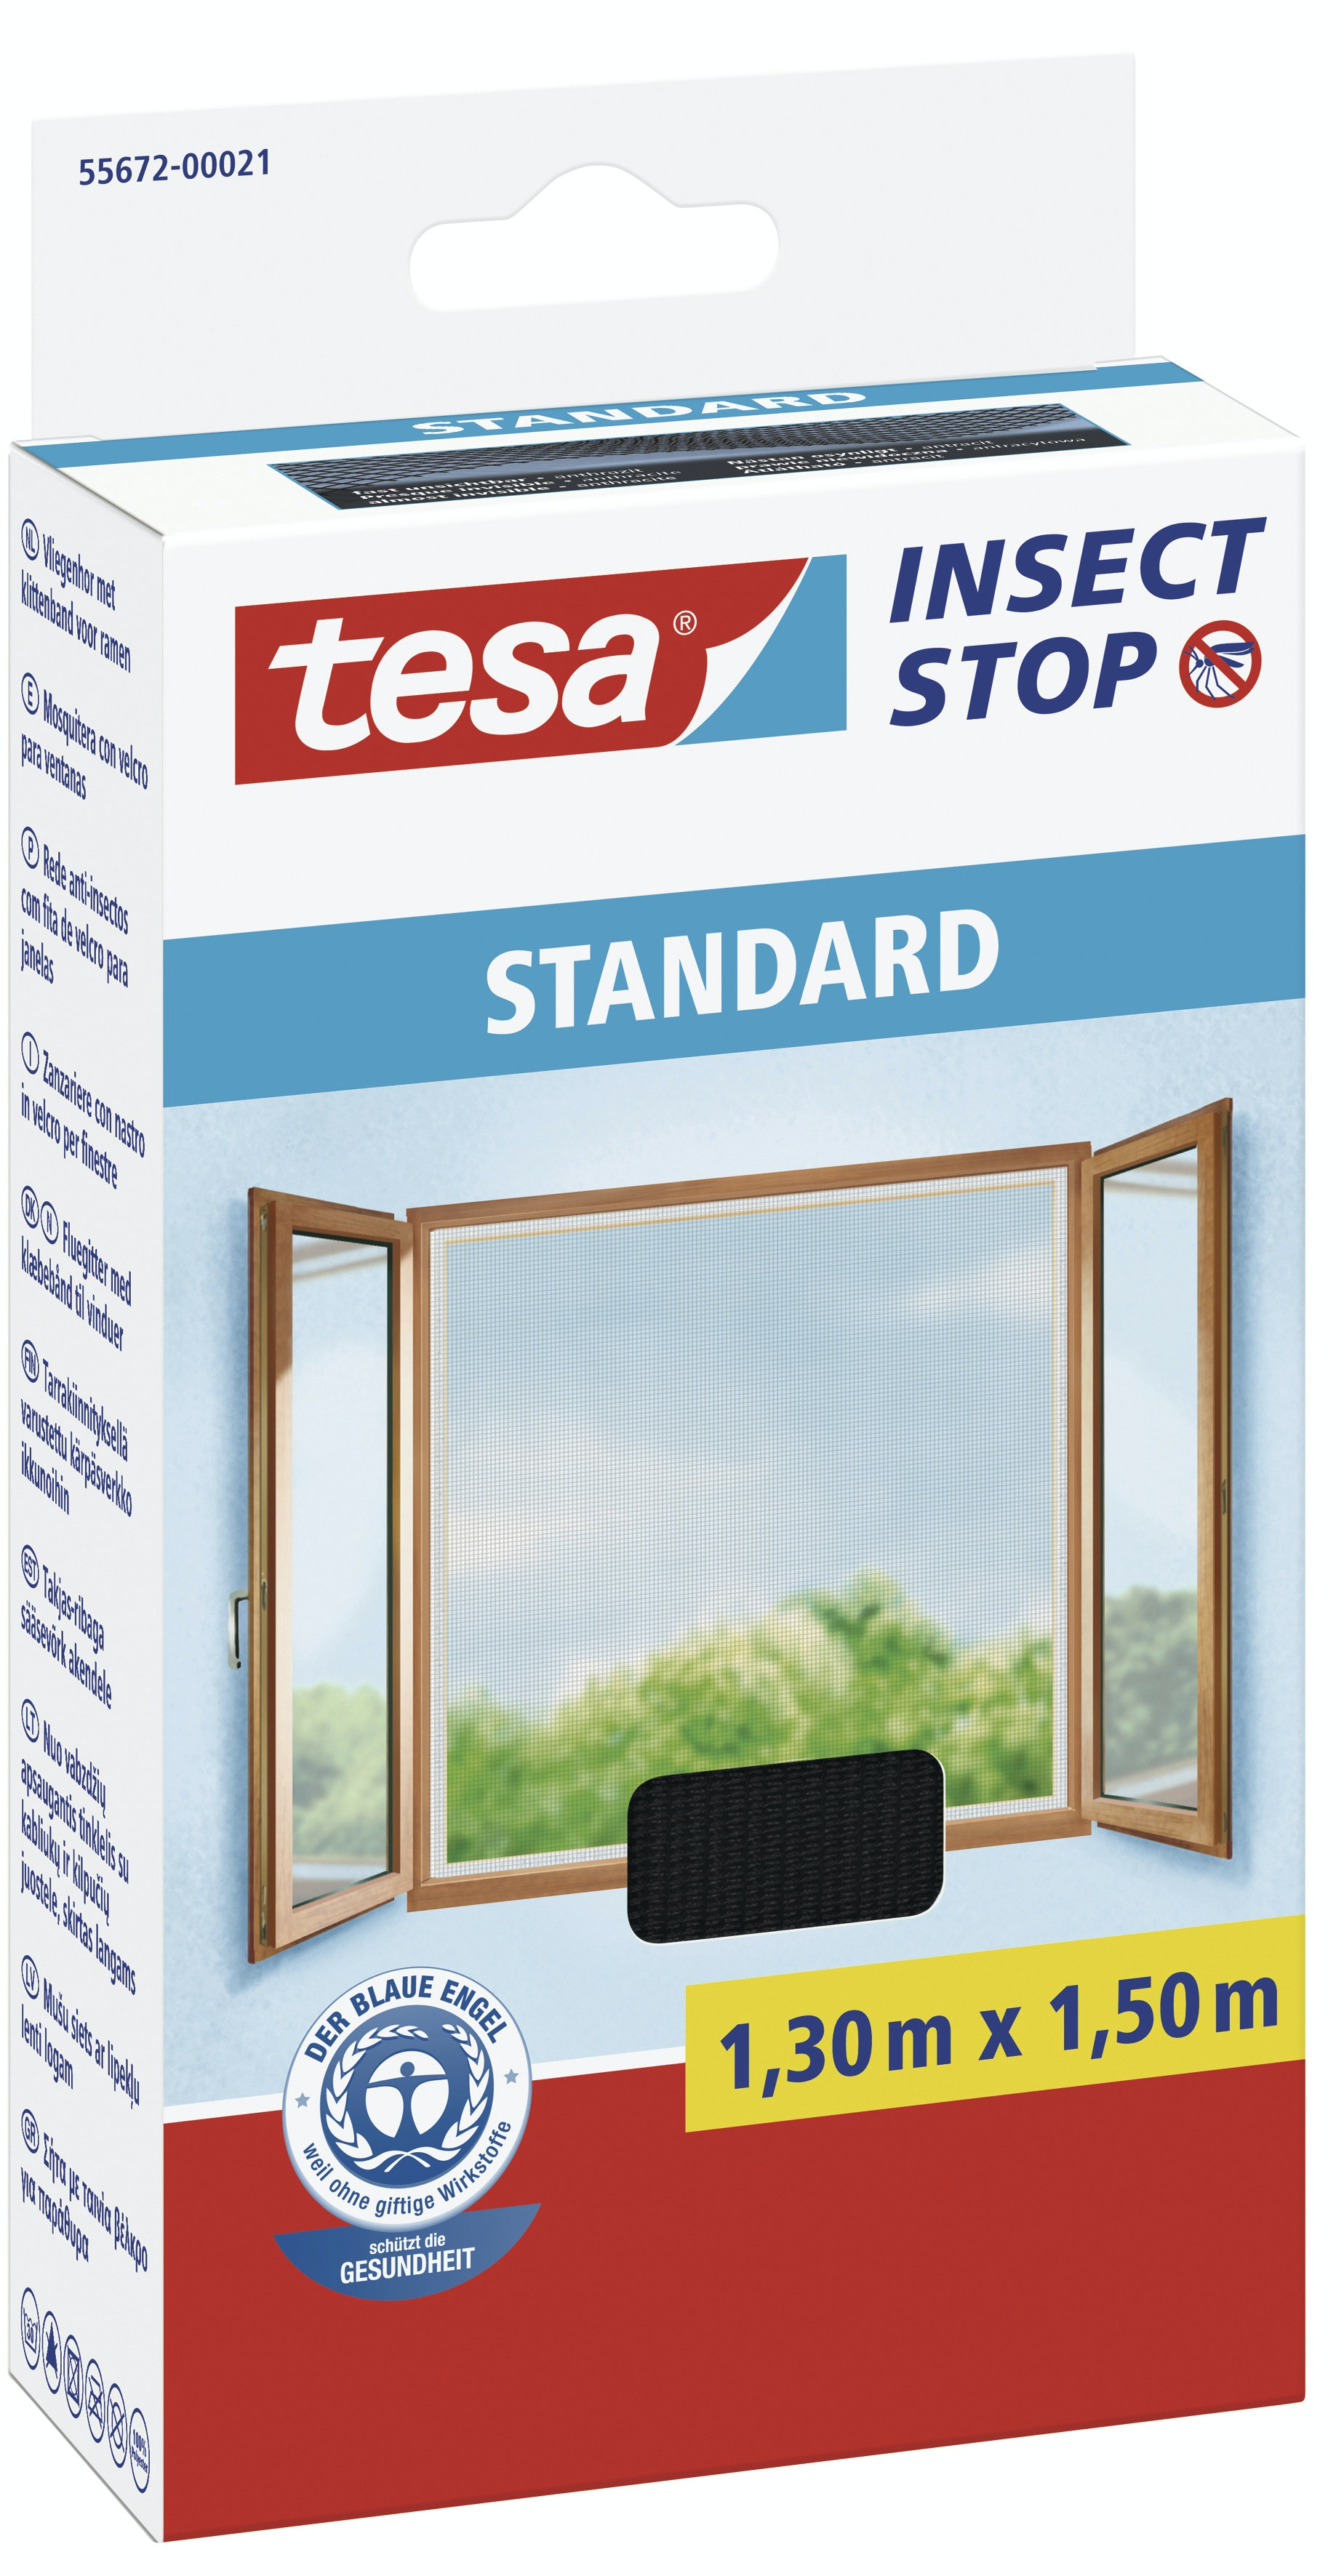 tesa insektsnät fönster